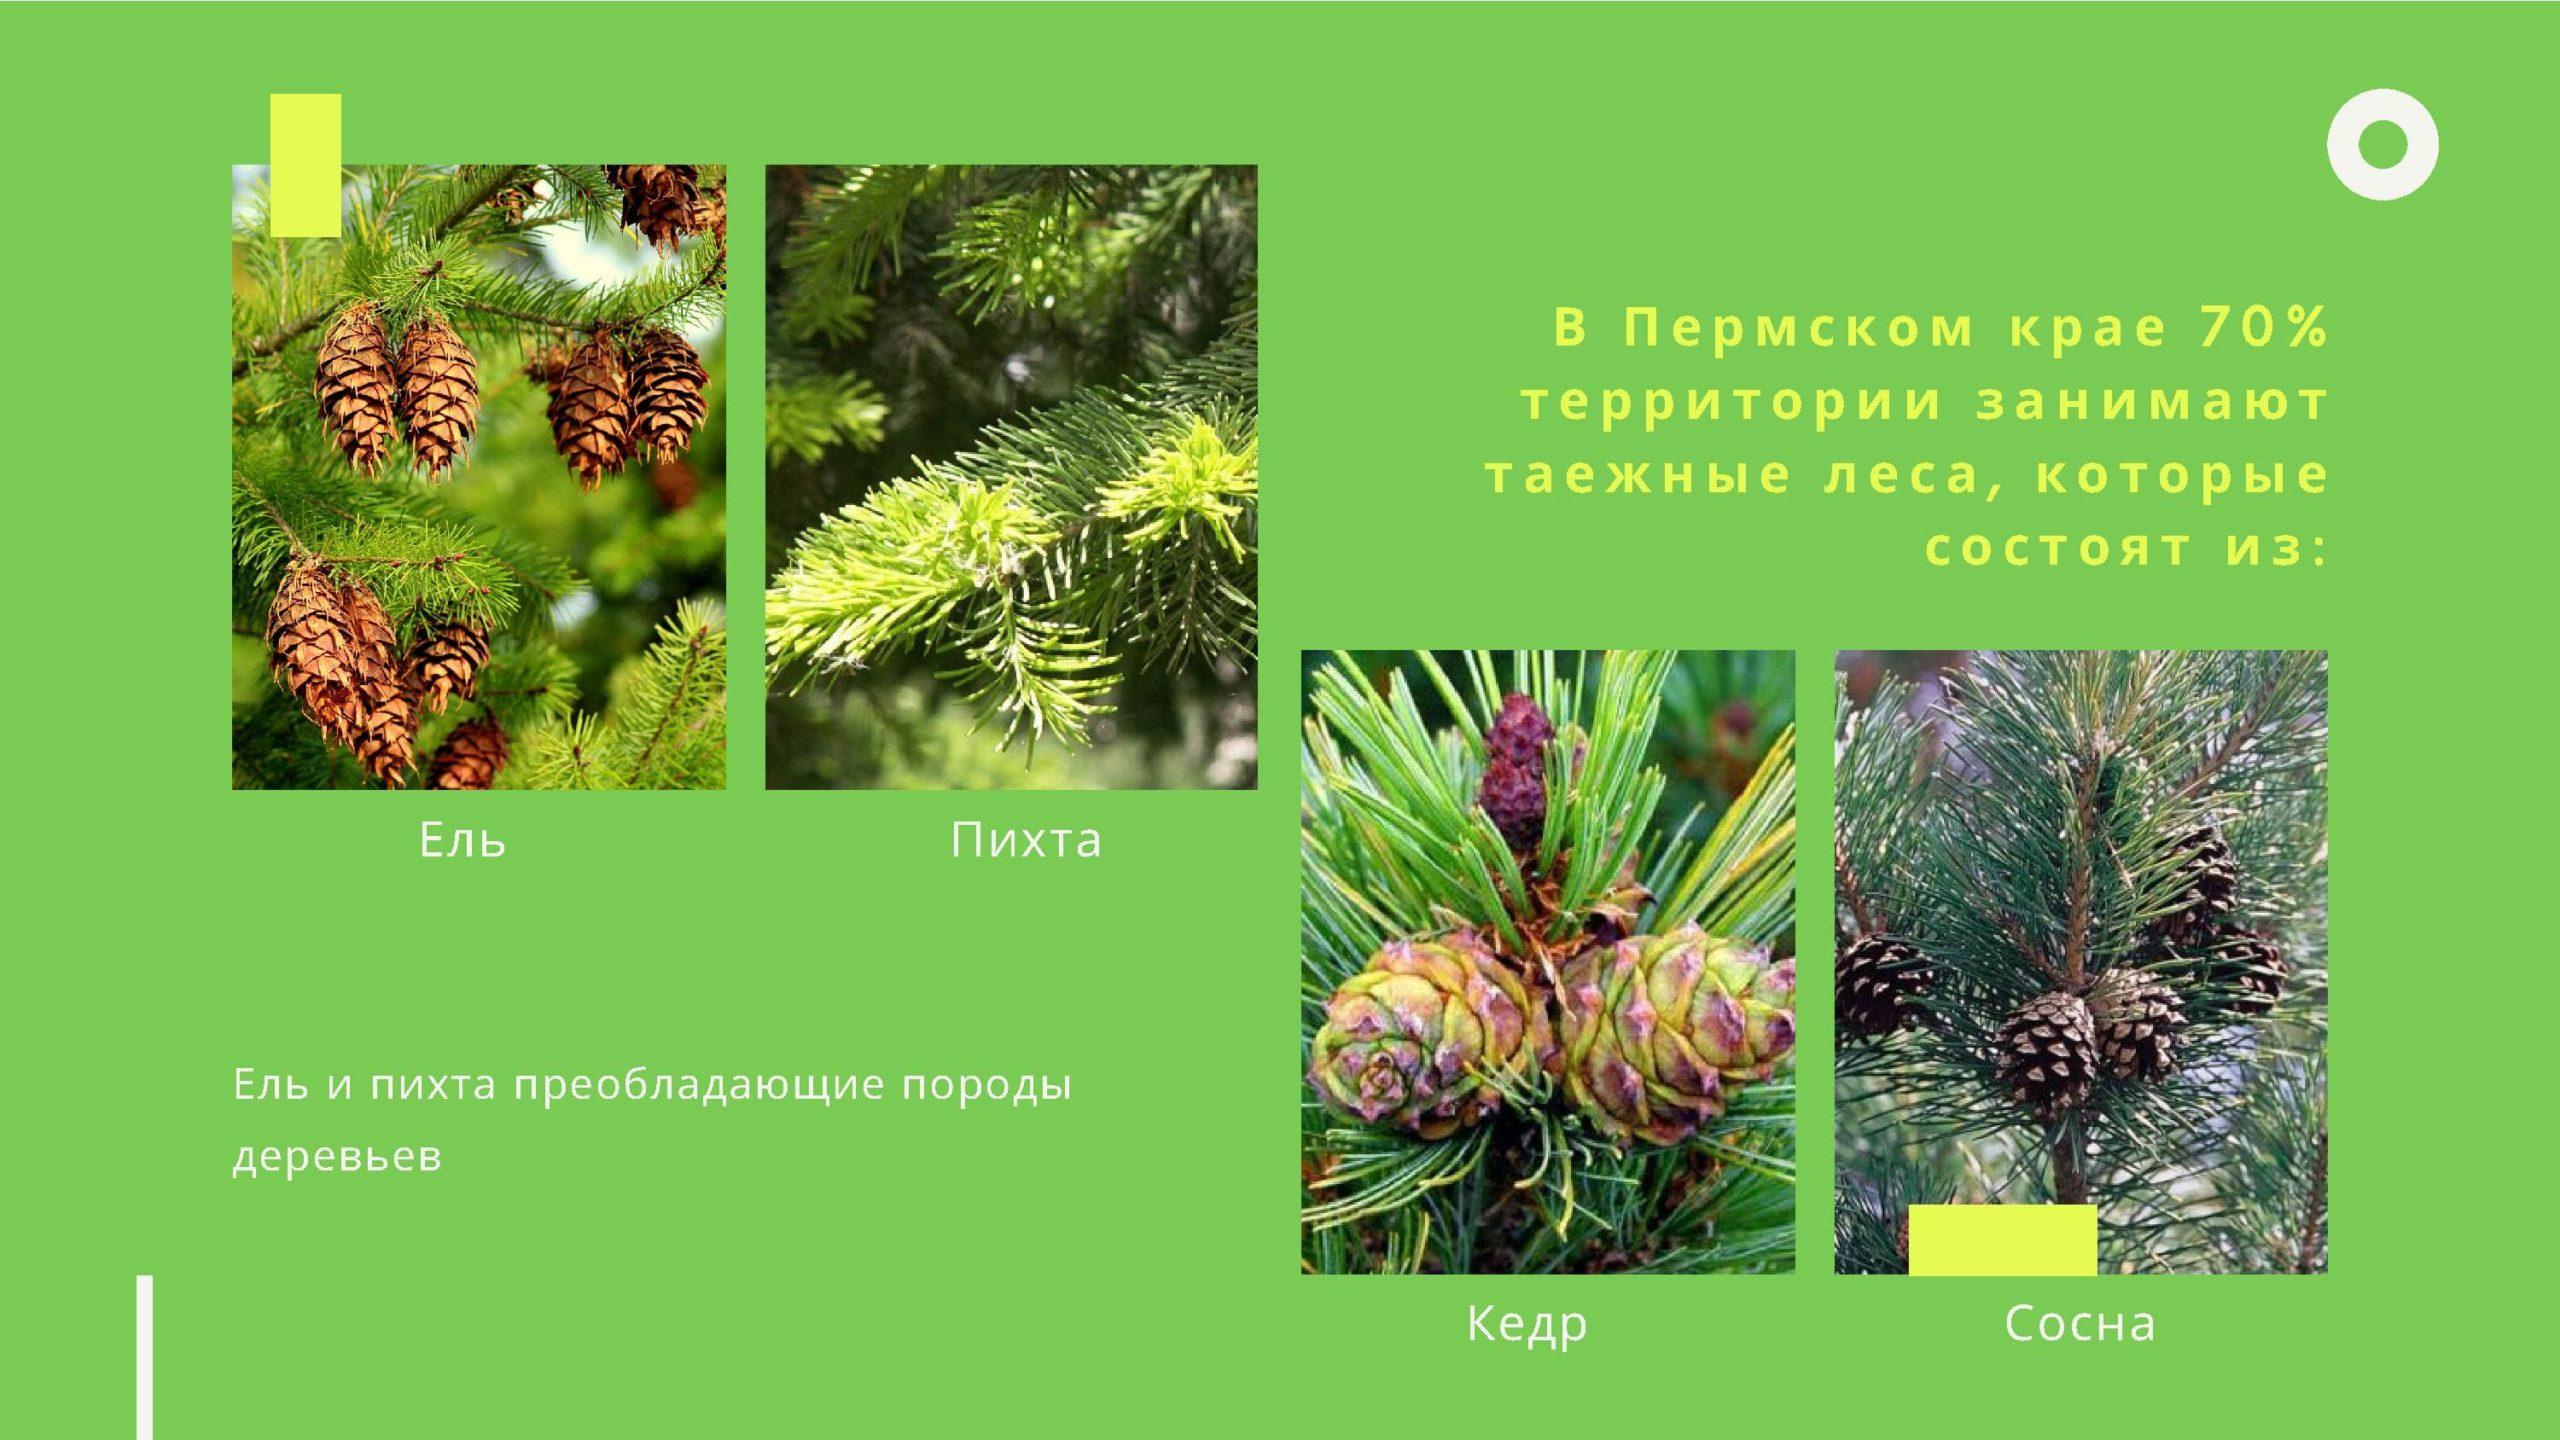 в Пермском крае 70% территории занимают таёжные леса